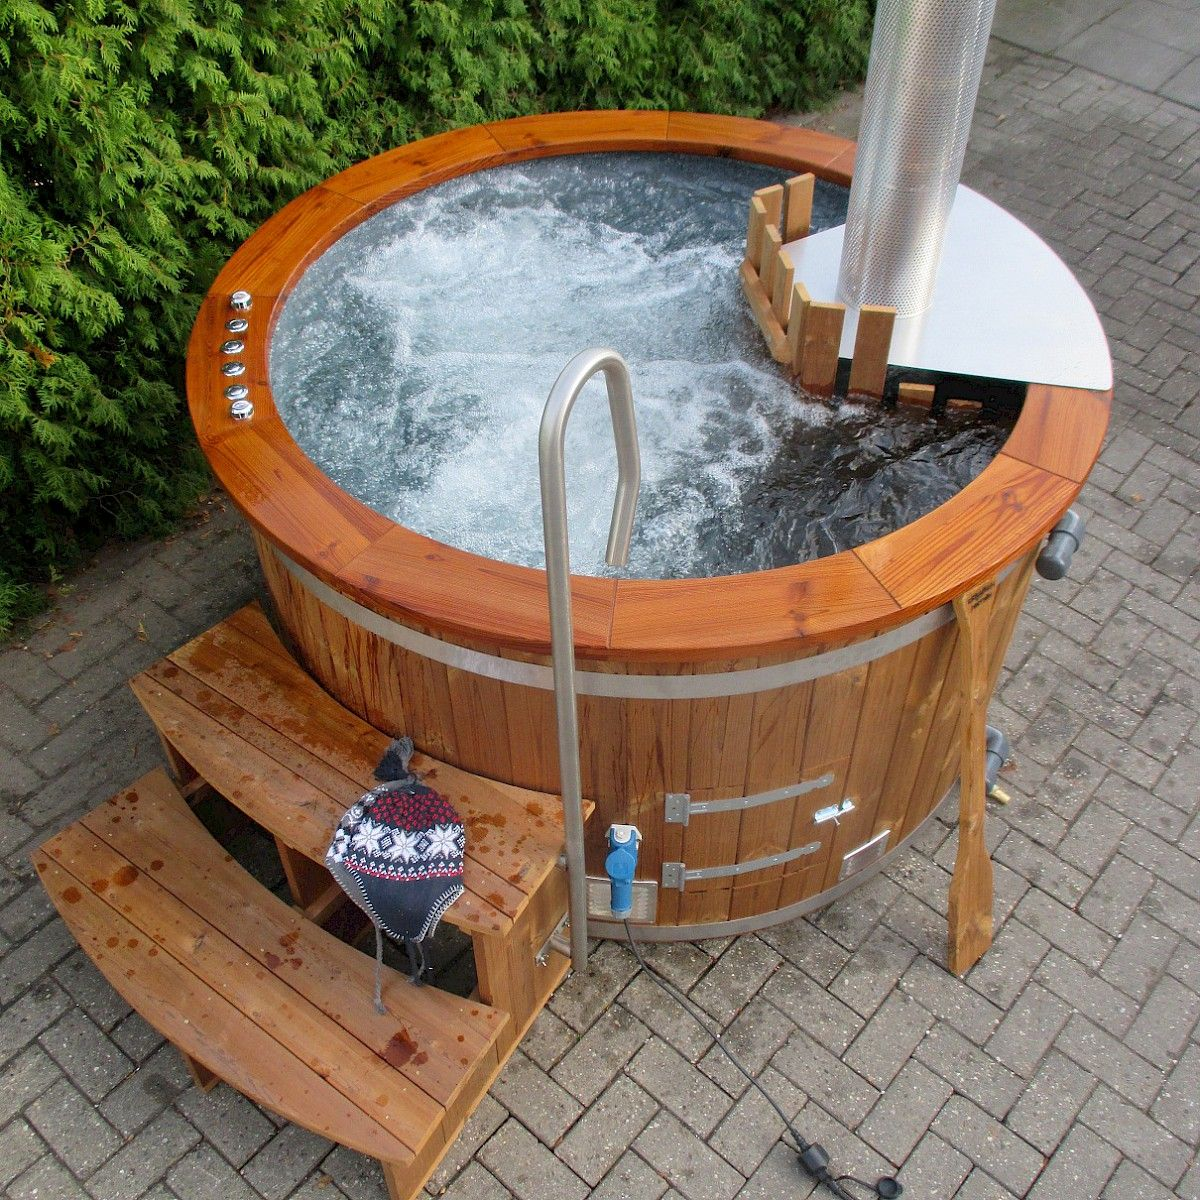 Garten whirlpool Garten Jacuzzi Aussen whirlpool Hot